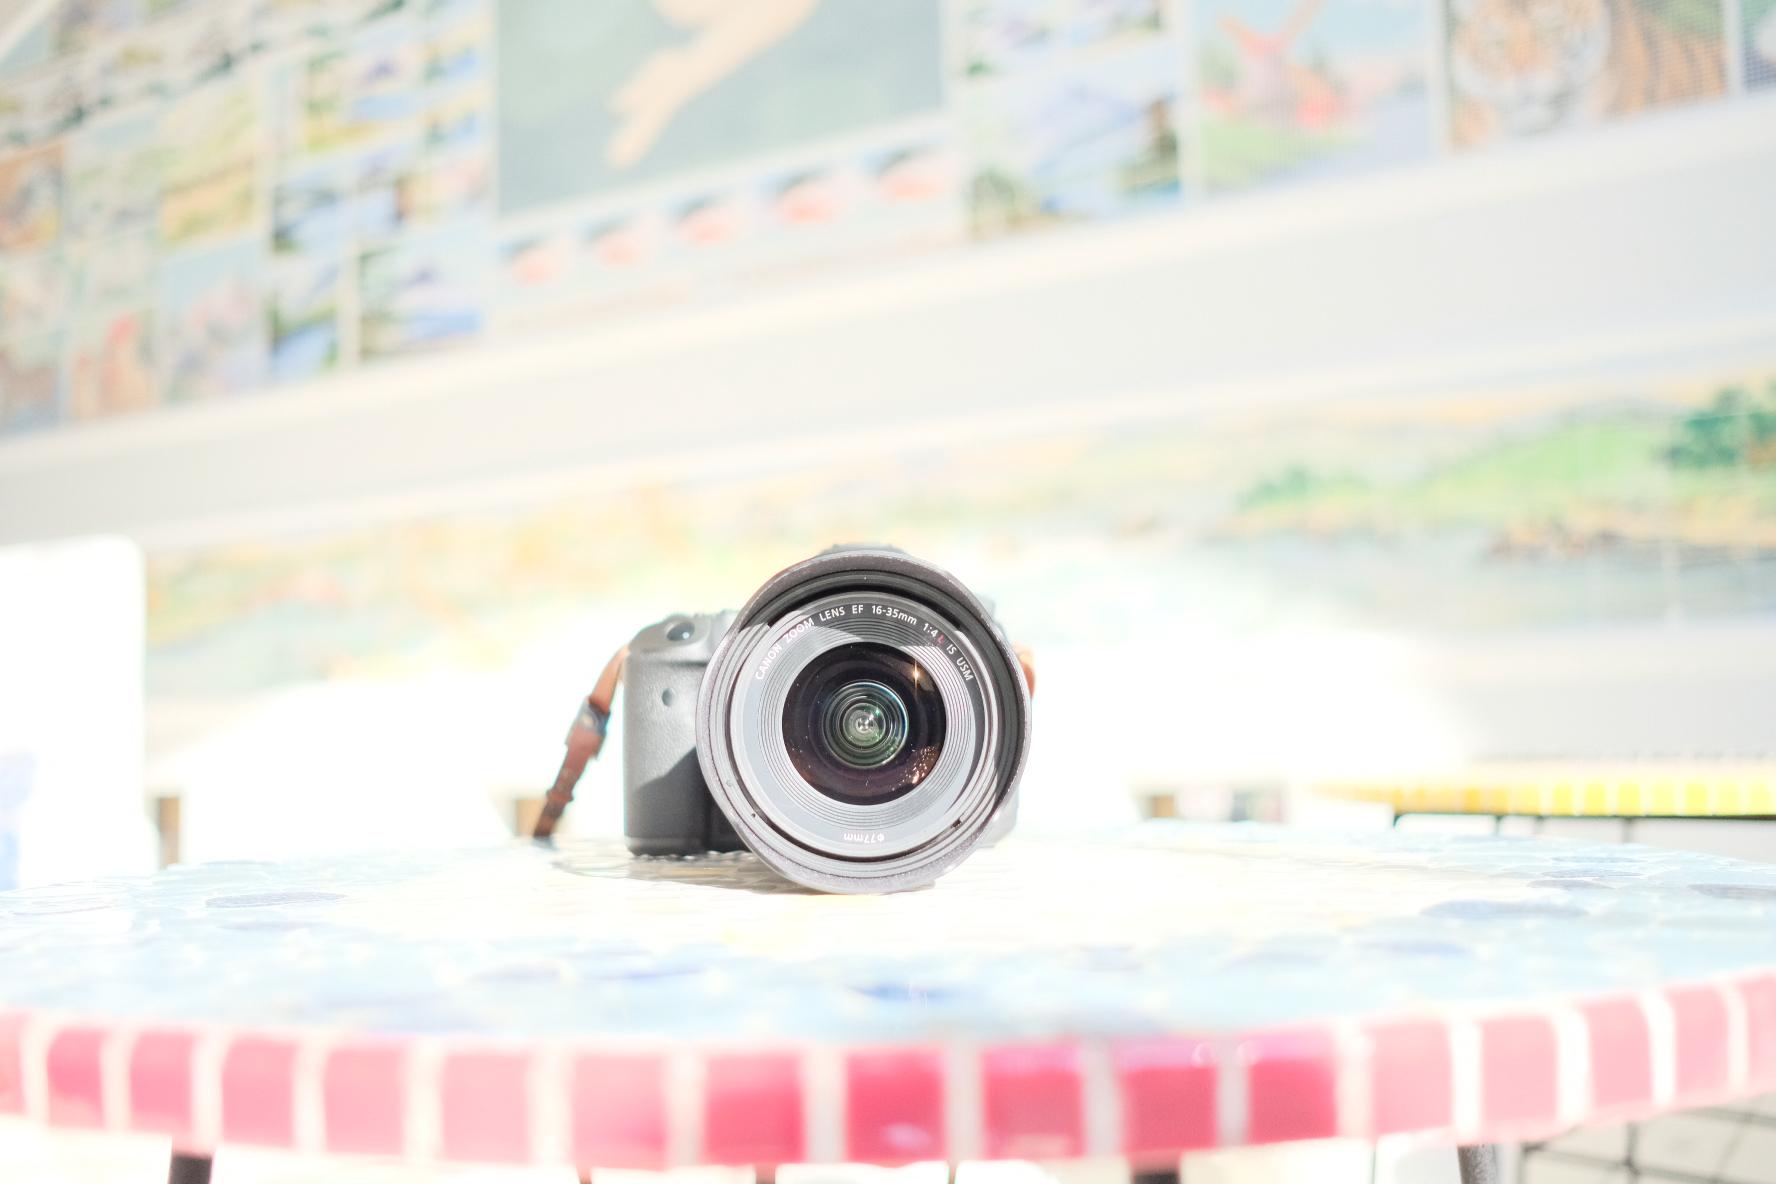 わかりにくいフジフィルムの一眼レフカメラの違いとおすすめの機種を簡単にまとめてみた